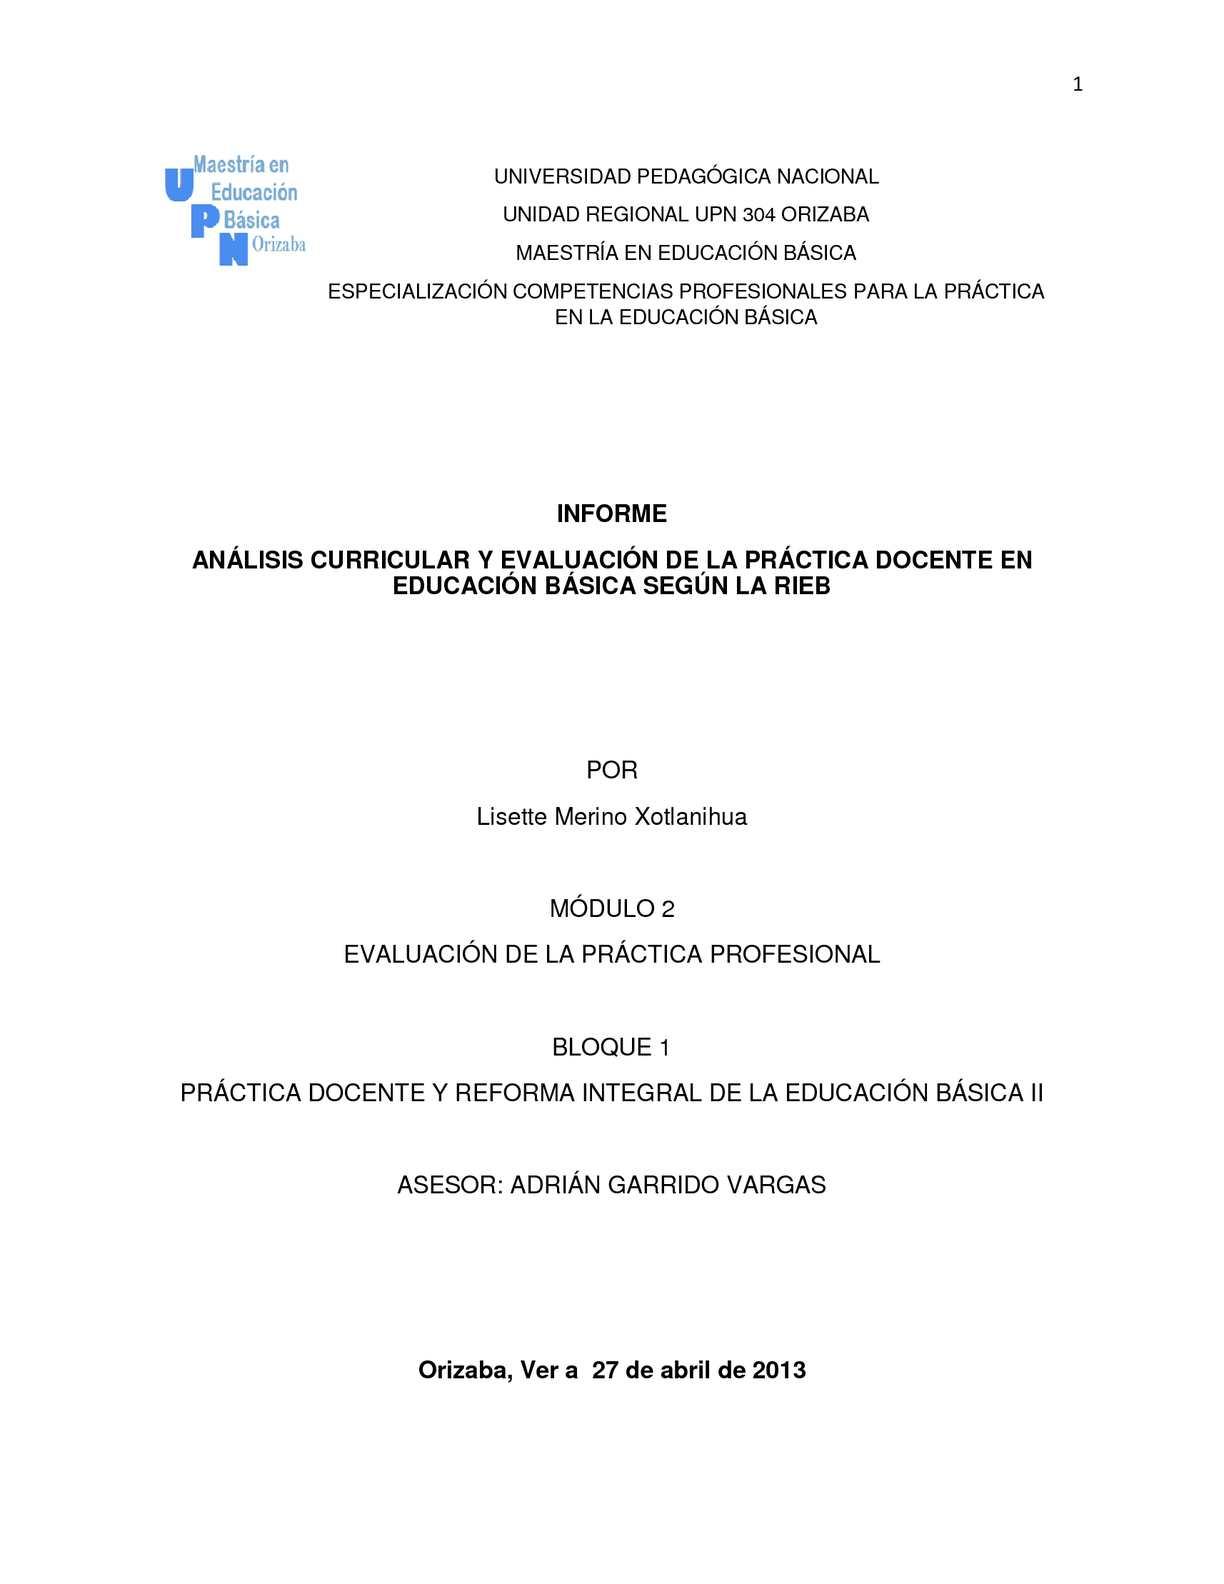 Calaméo - INFORME ACADÉMICO: ANÁLISIS CURRICULAR Y EVALUACIÓN DE LA ...